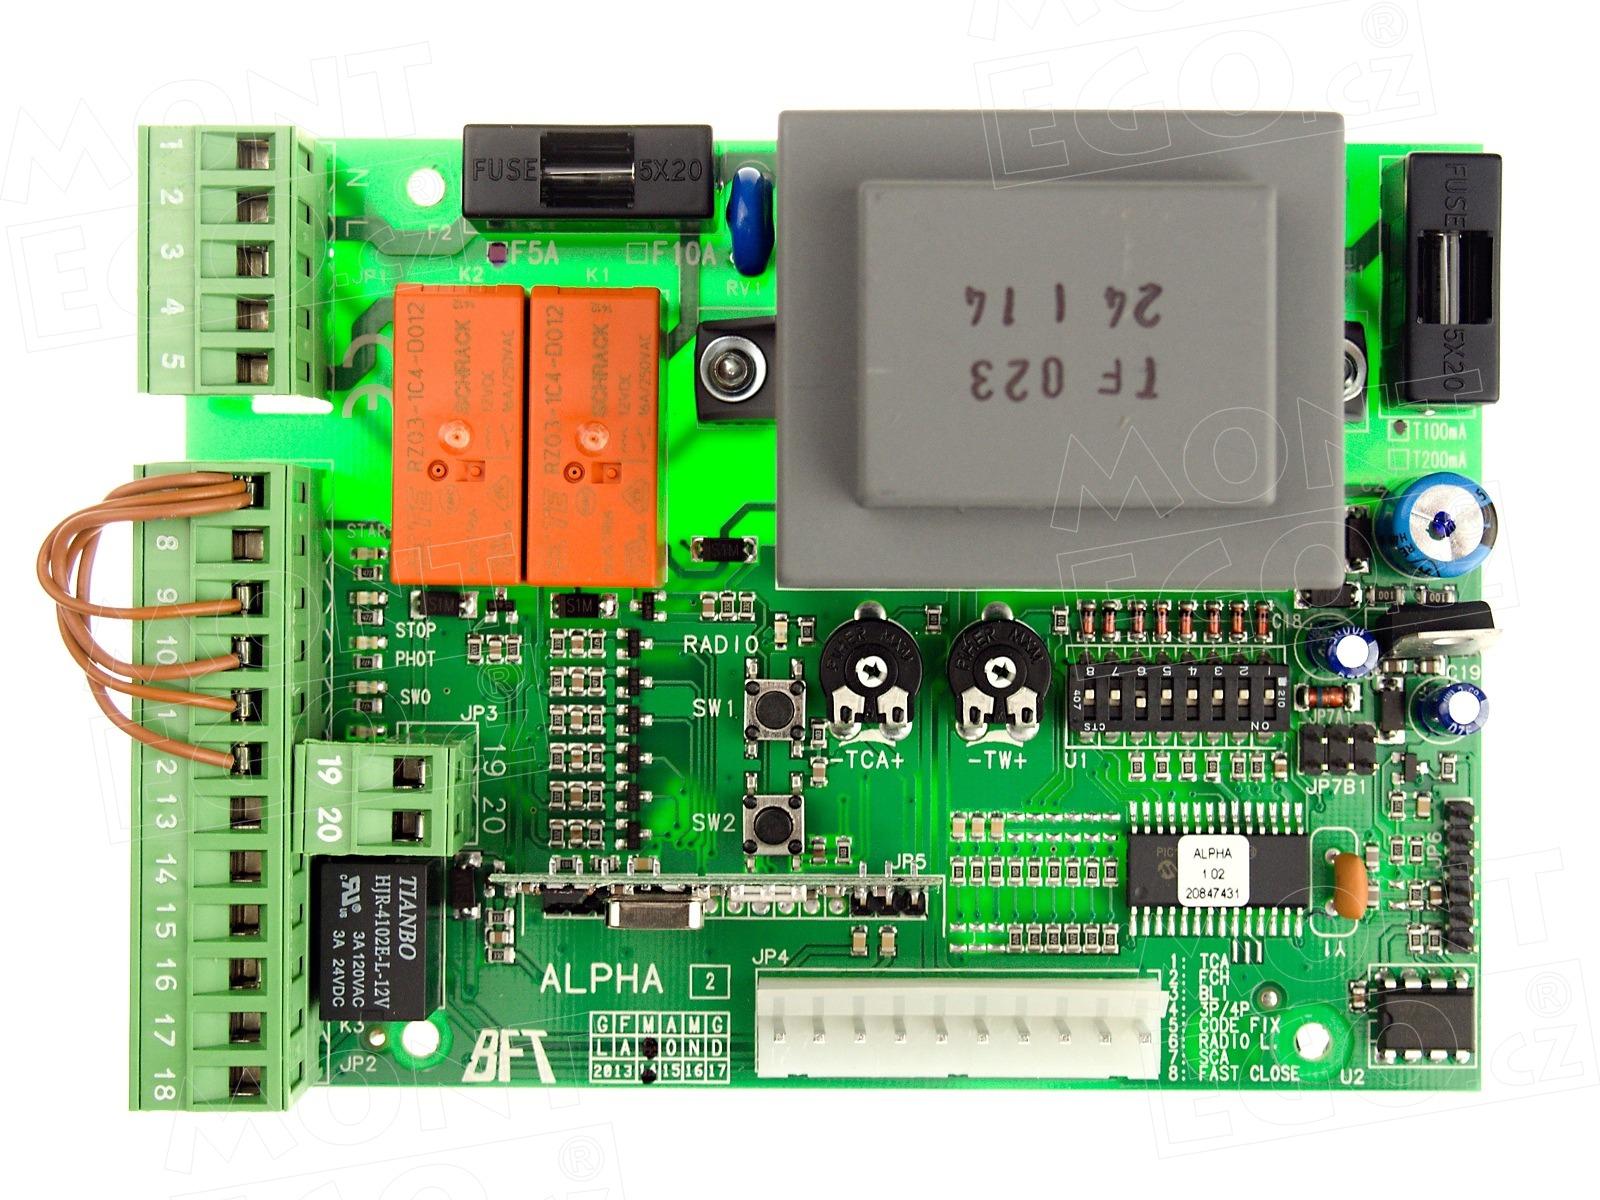 schema elettrico bft alpha schema elettrico centralina